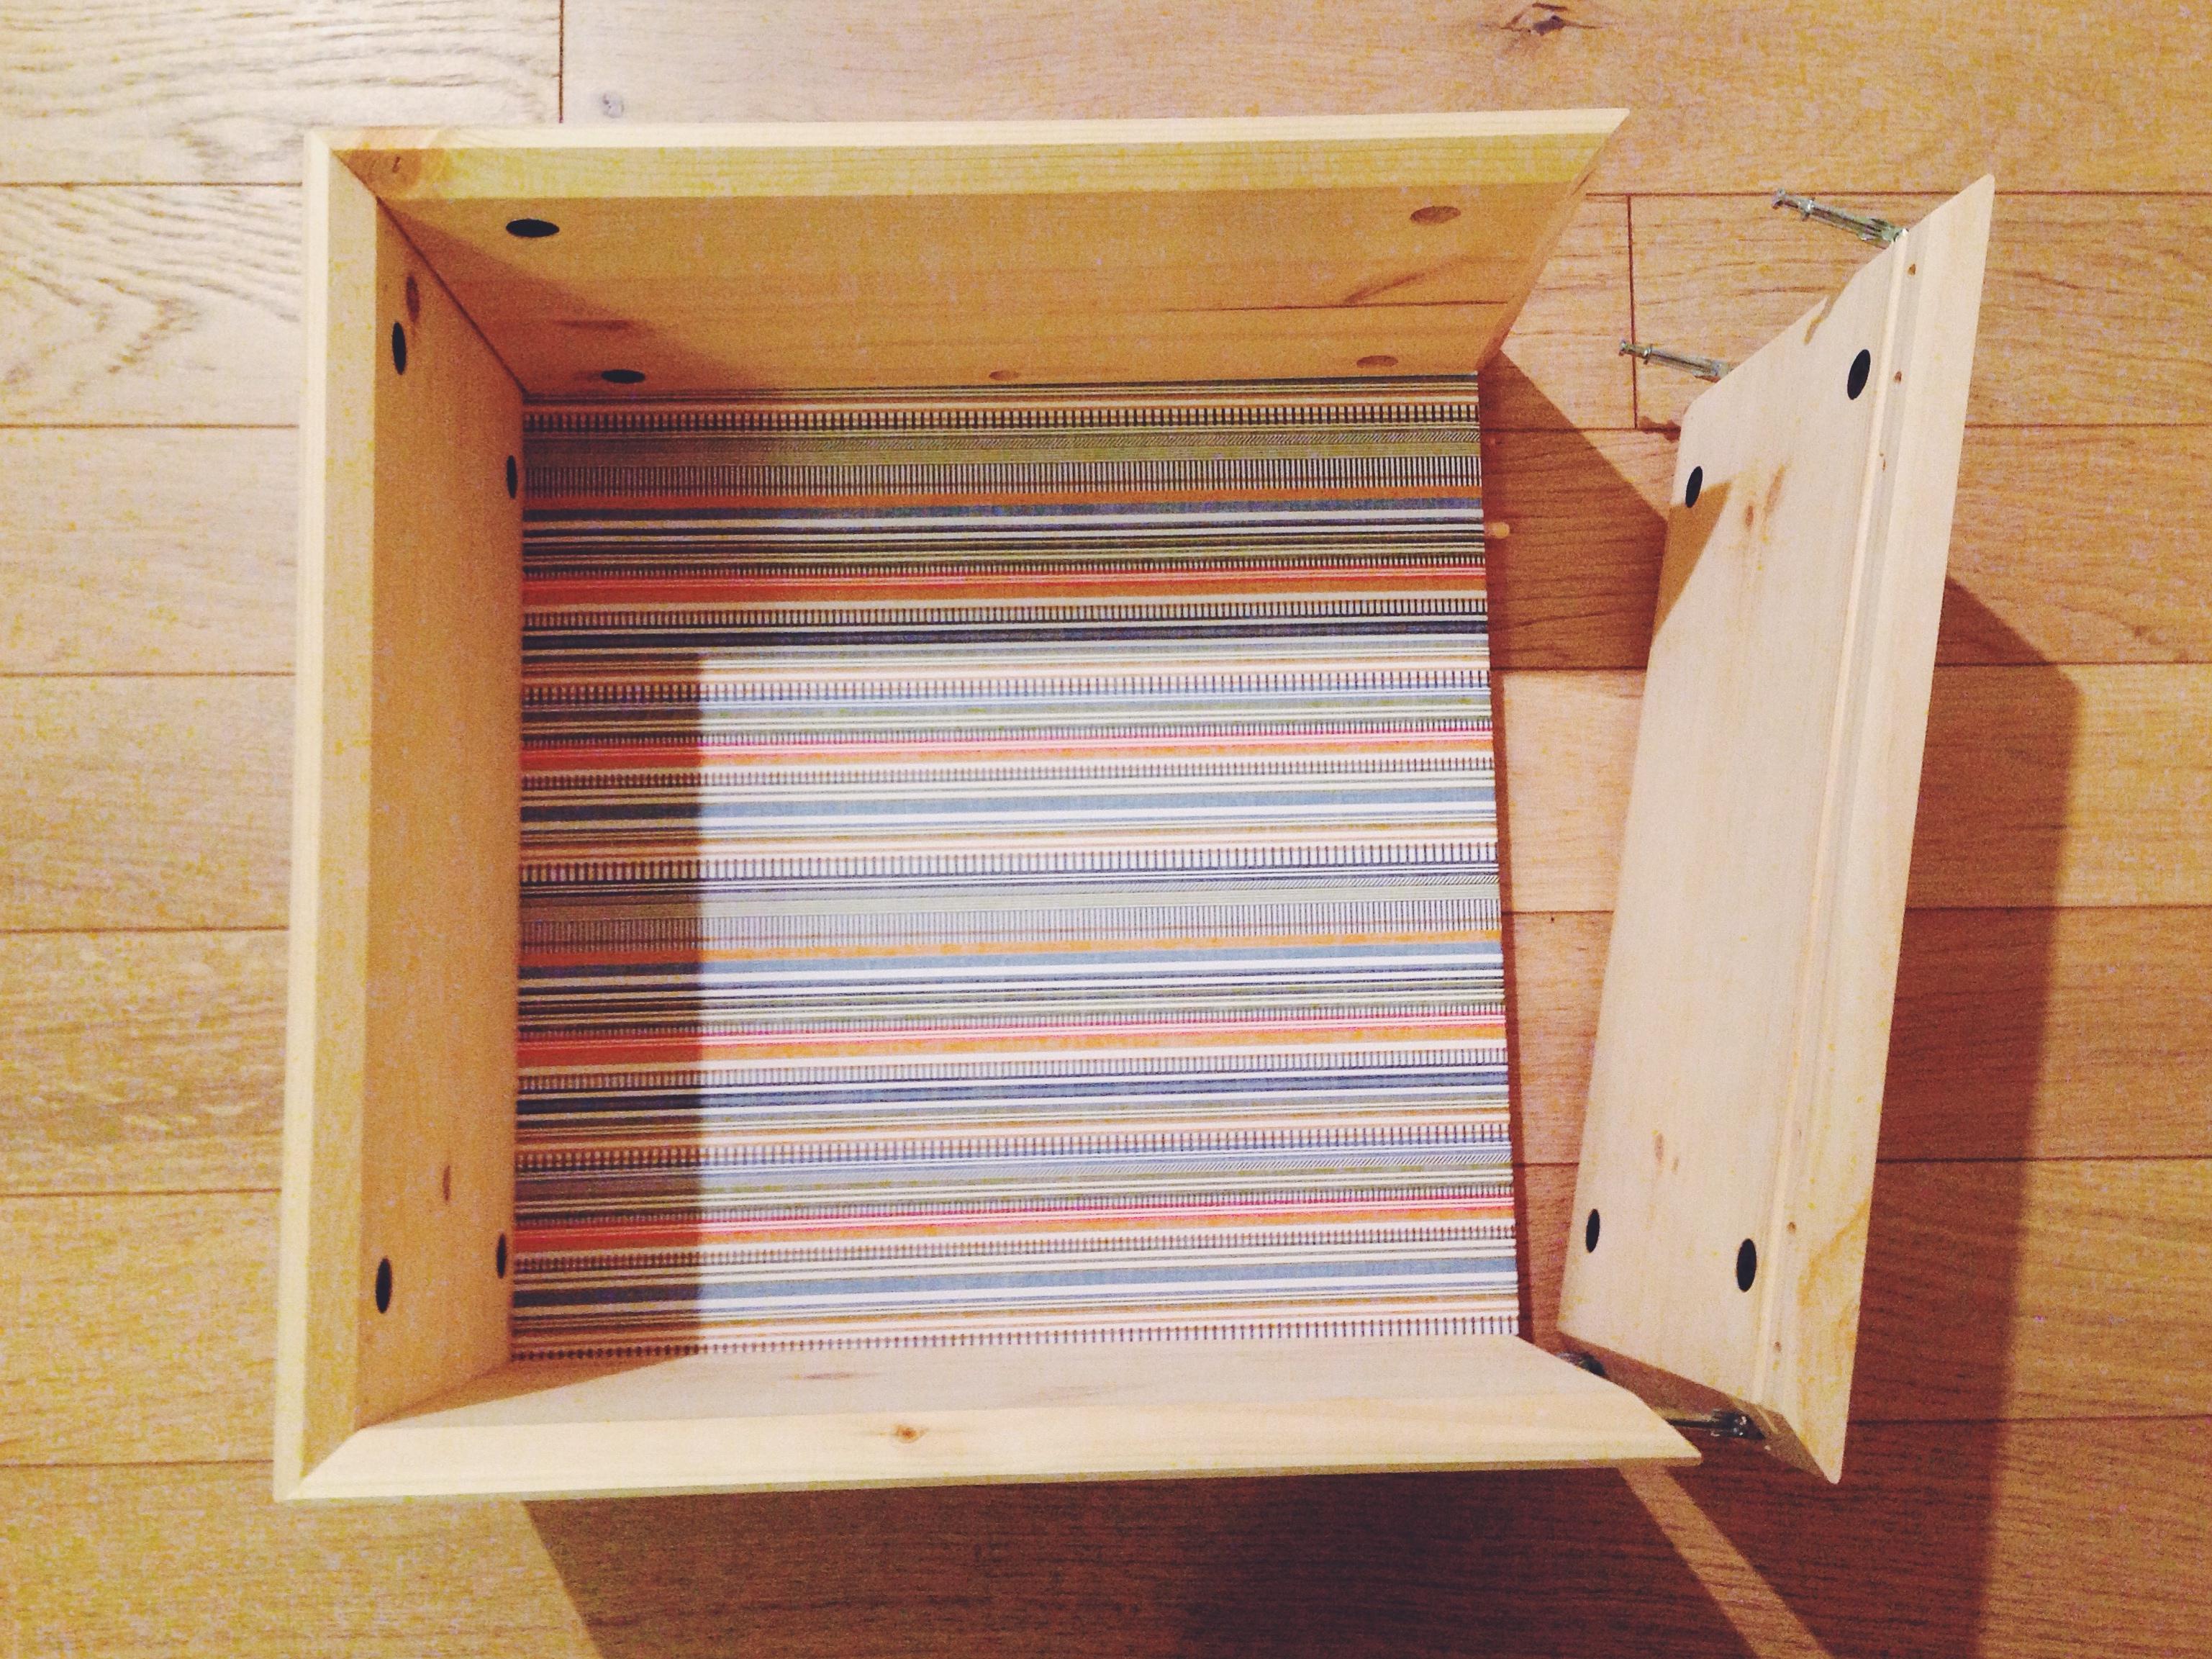 Montaggio pensile Ikea